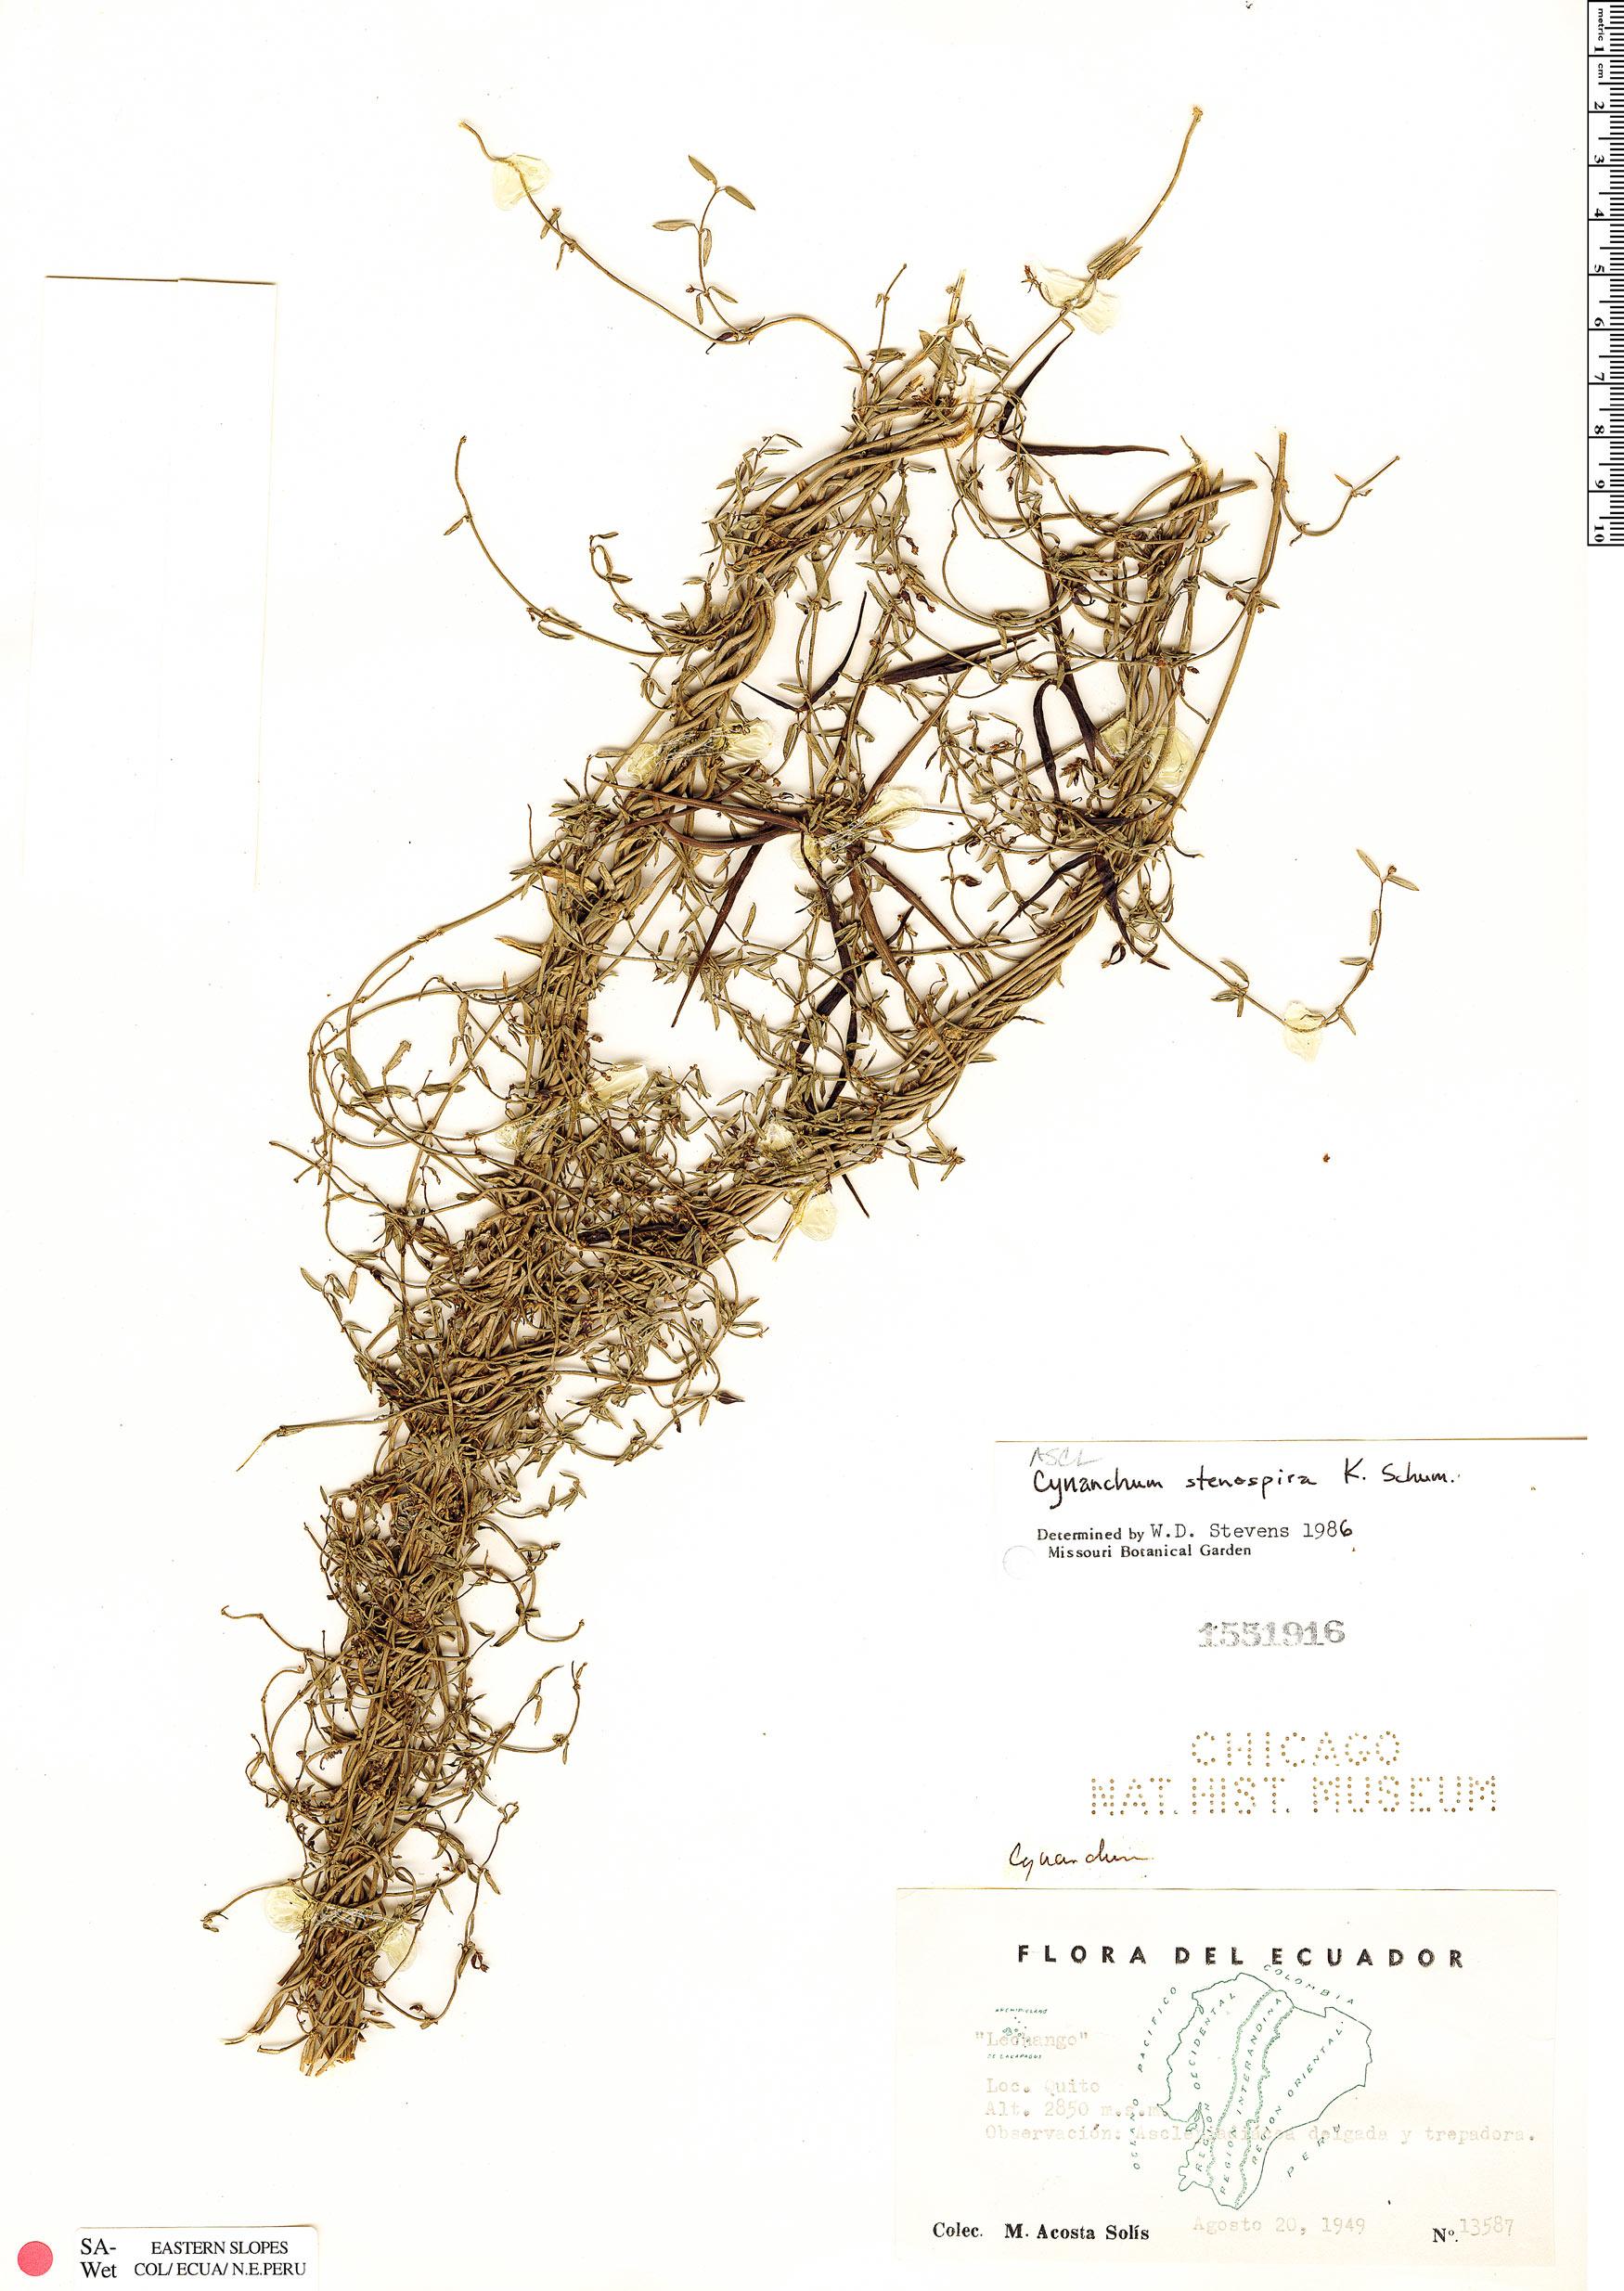 Specimen: Cynanchum stenospira